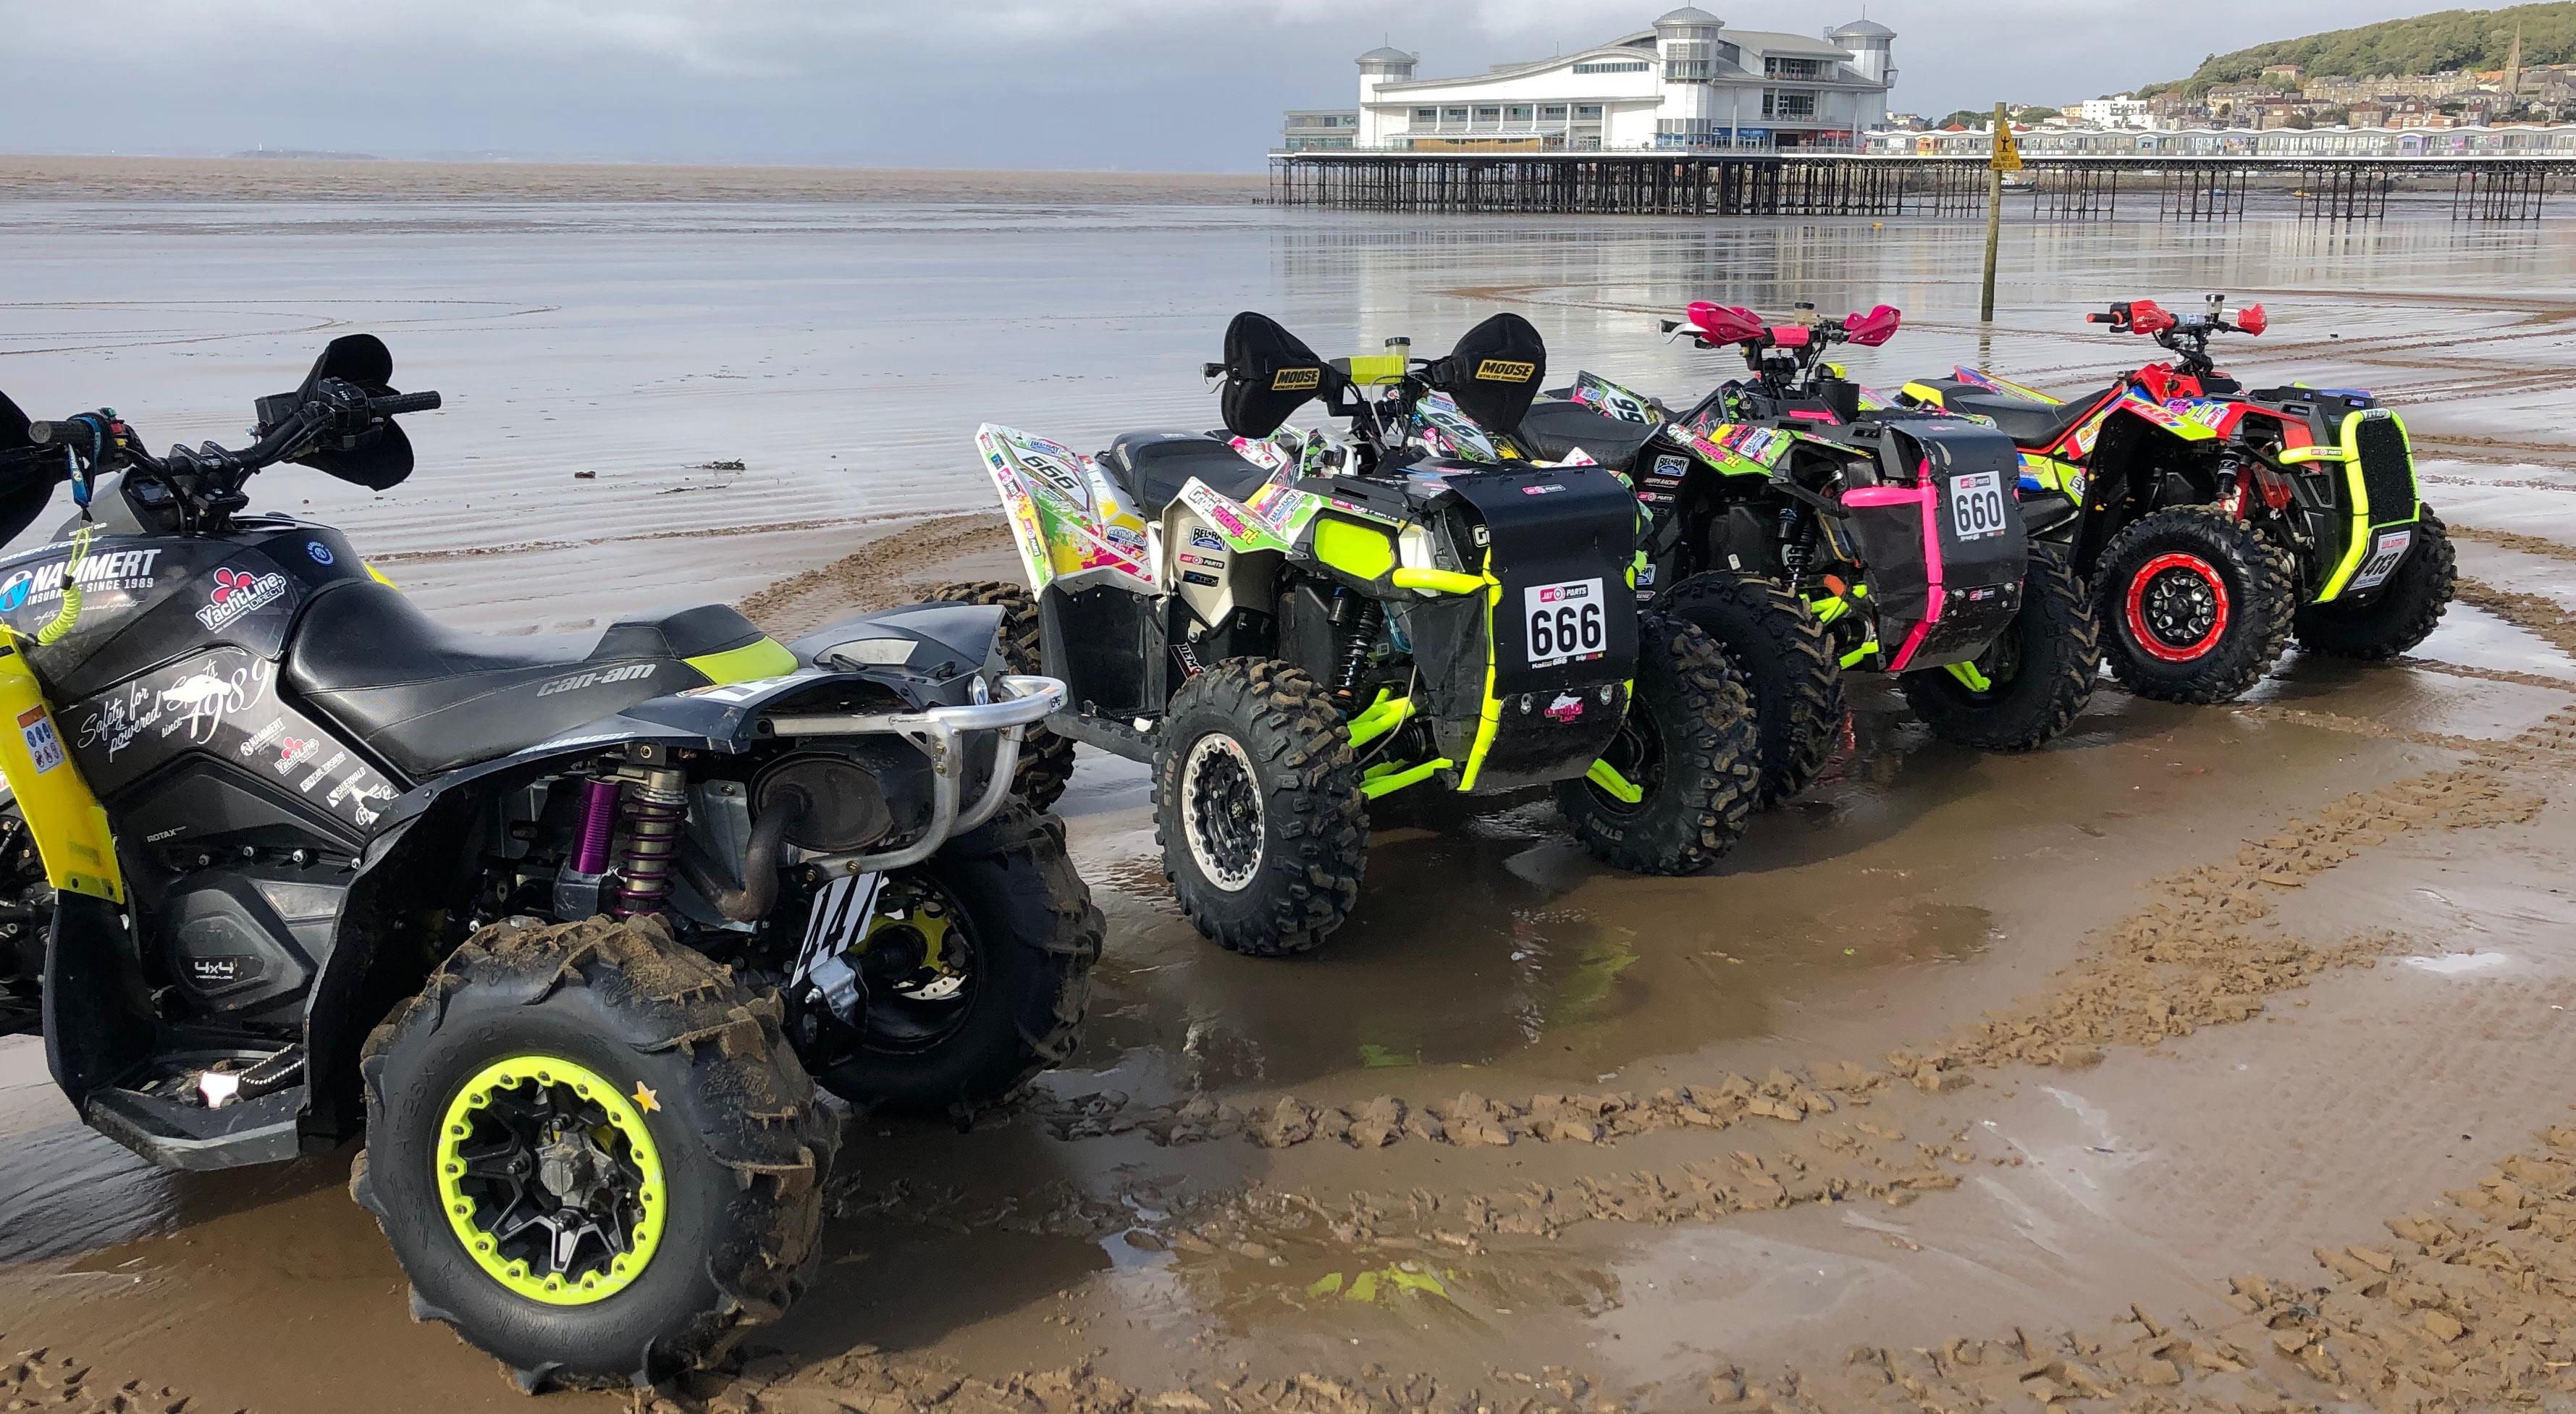 Jay Parts Weston Beach 2019